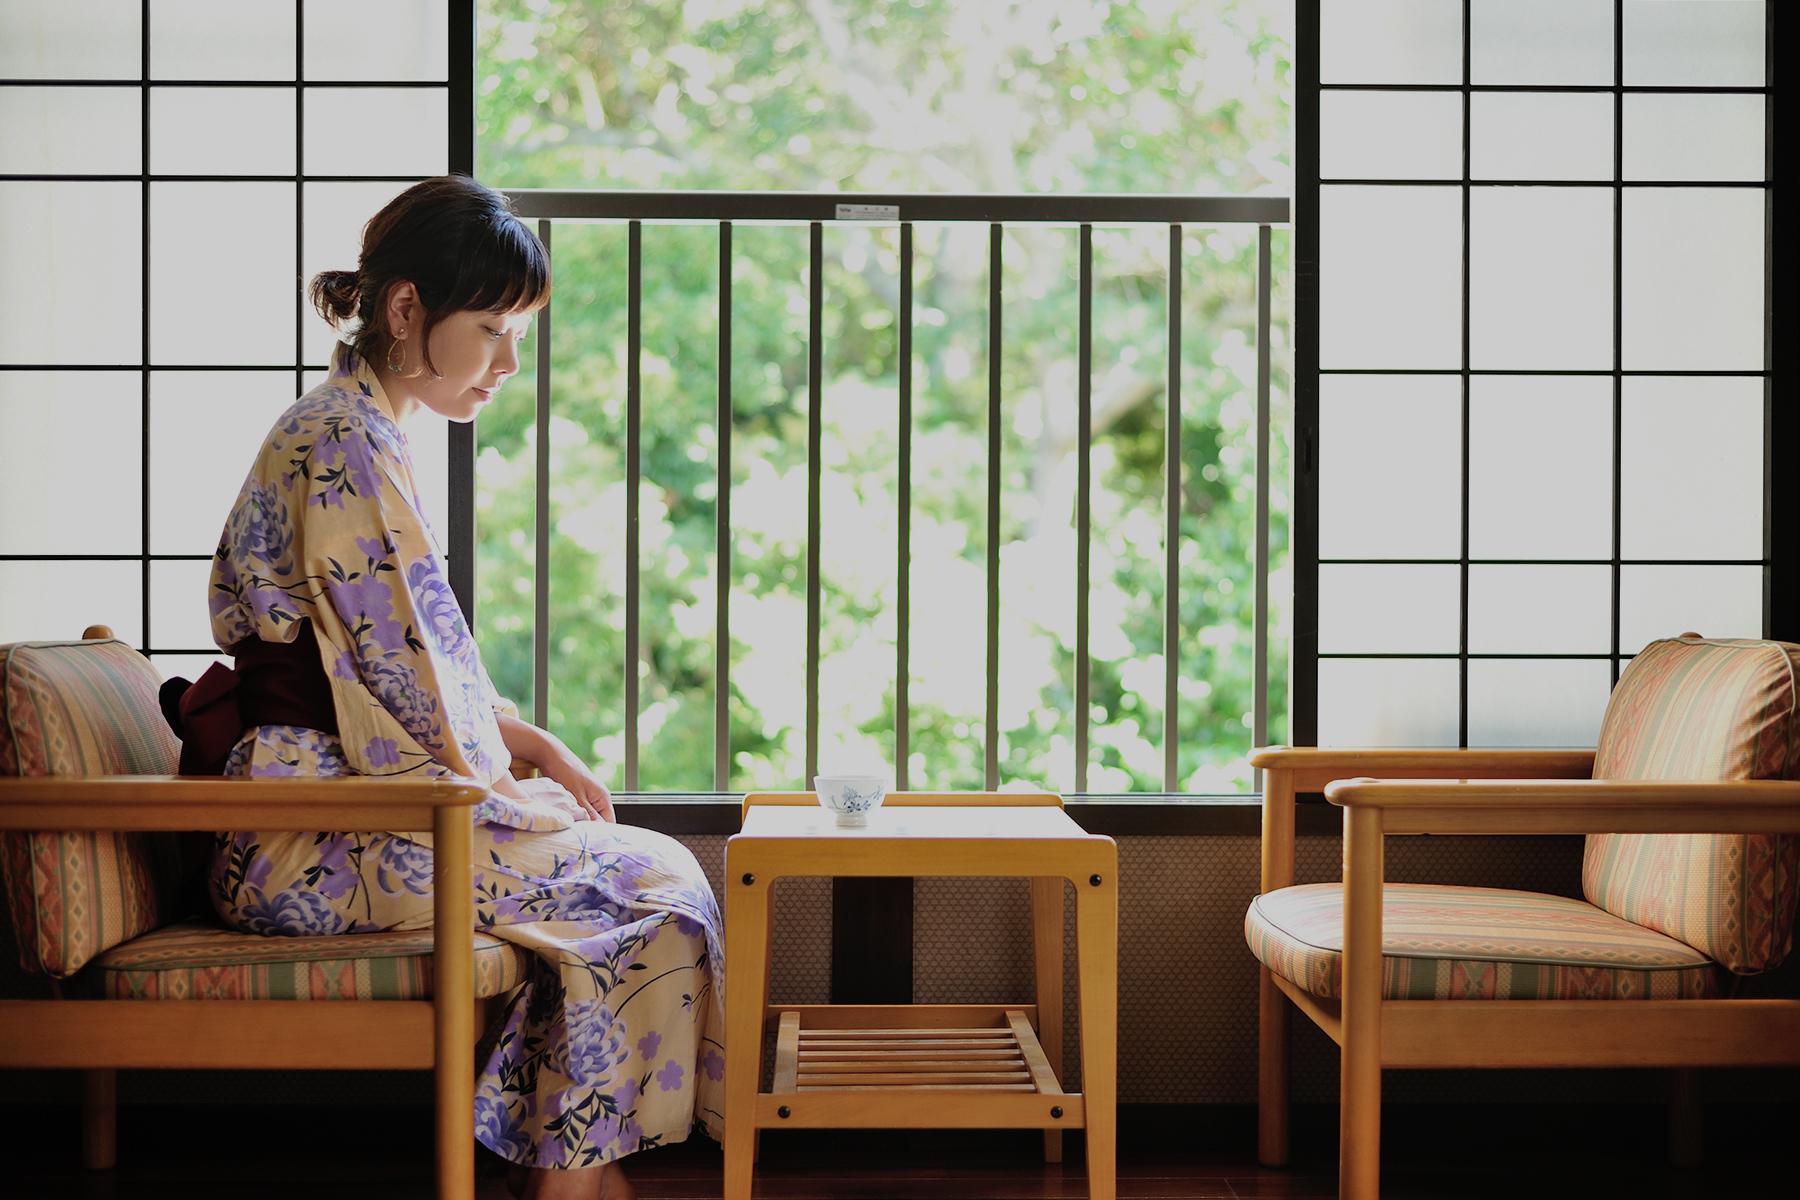 窓辺の浴衣女性